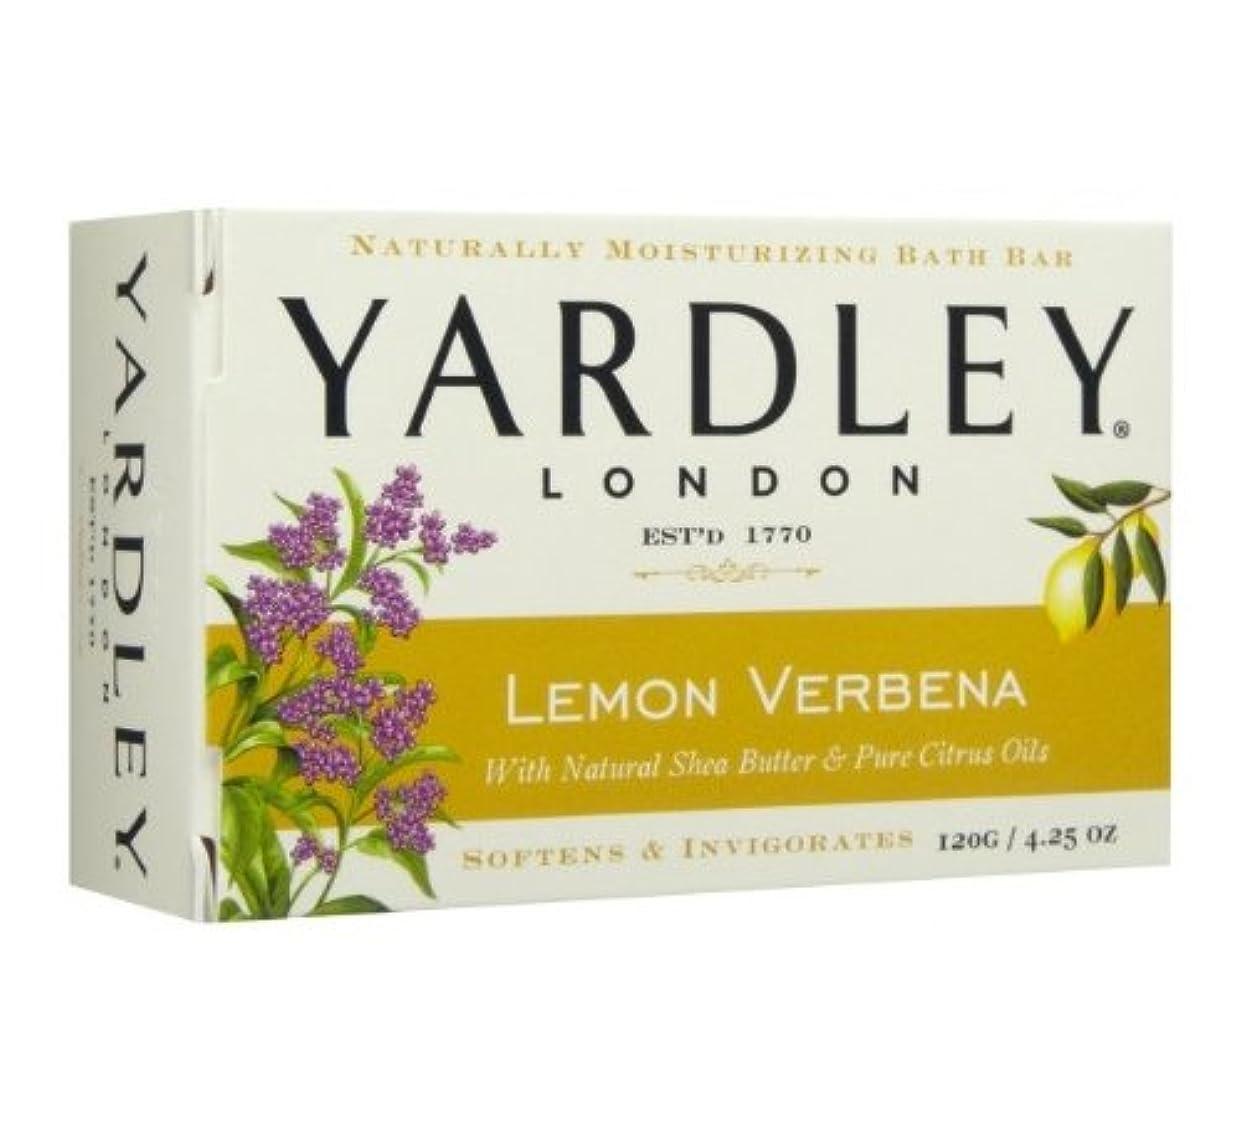 アシストアレンジエスカレーター【2個 ハワイ直送品】Yardley London Lemon Verbena Moisturizing Bath Bar ヤードリー レモンバーベナ ソープ 120g